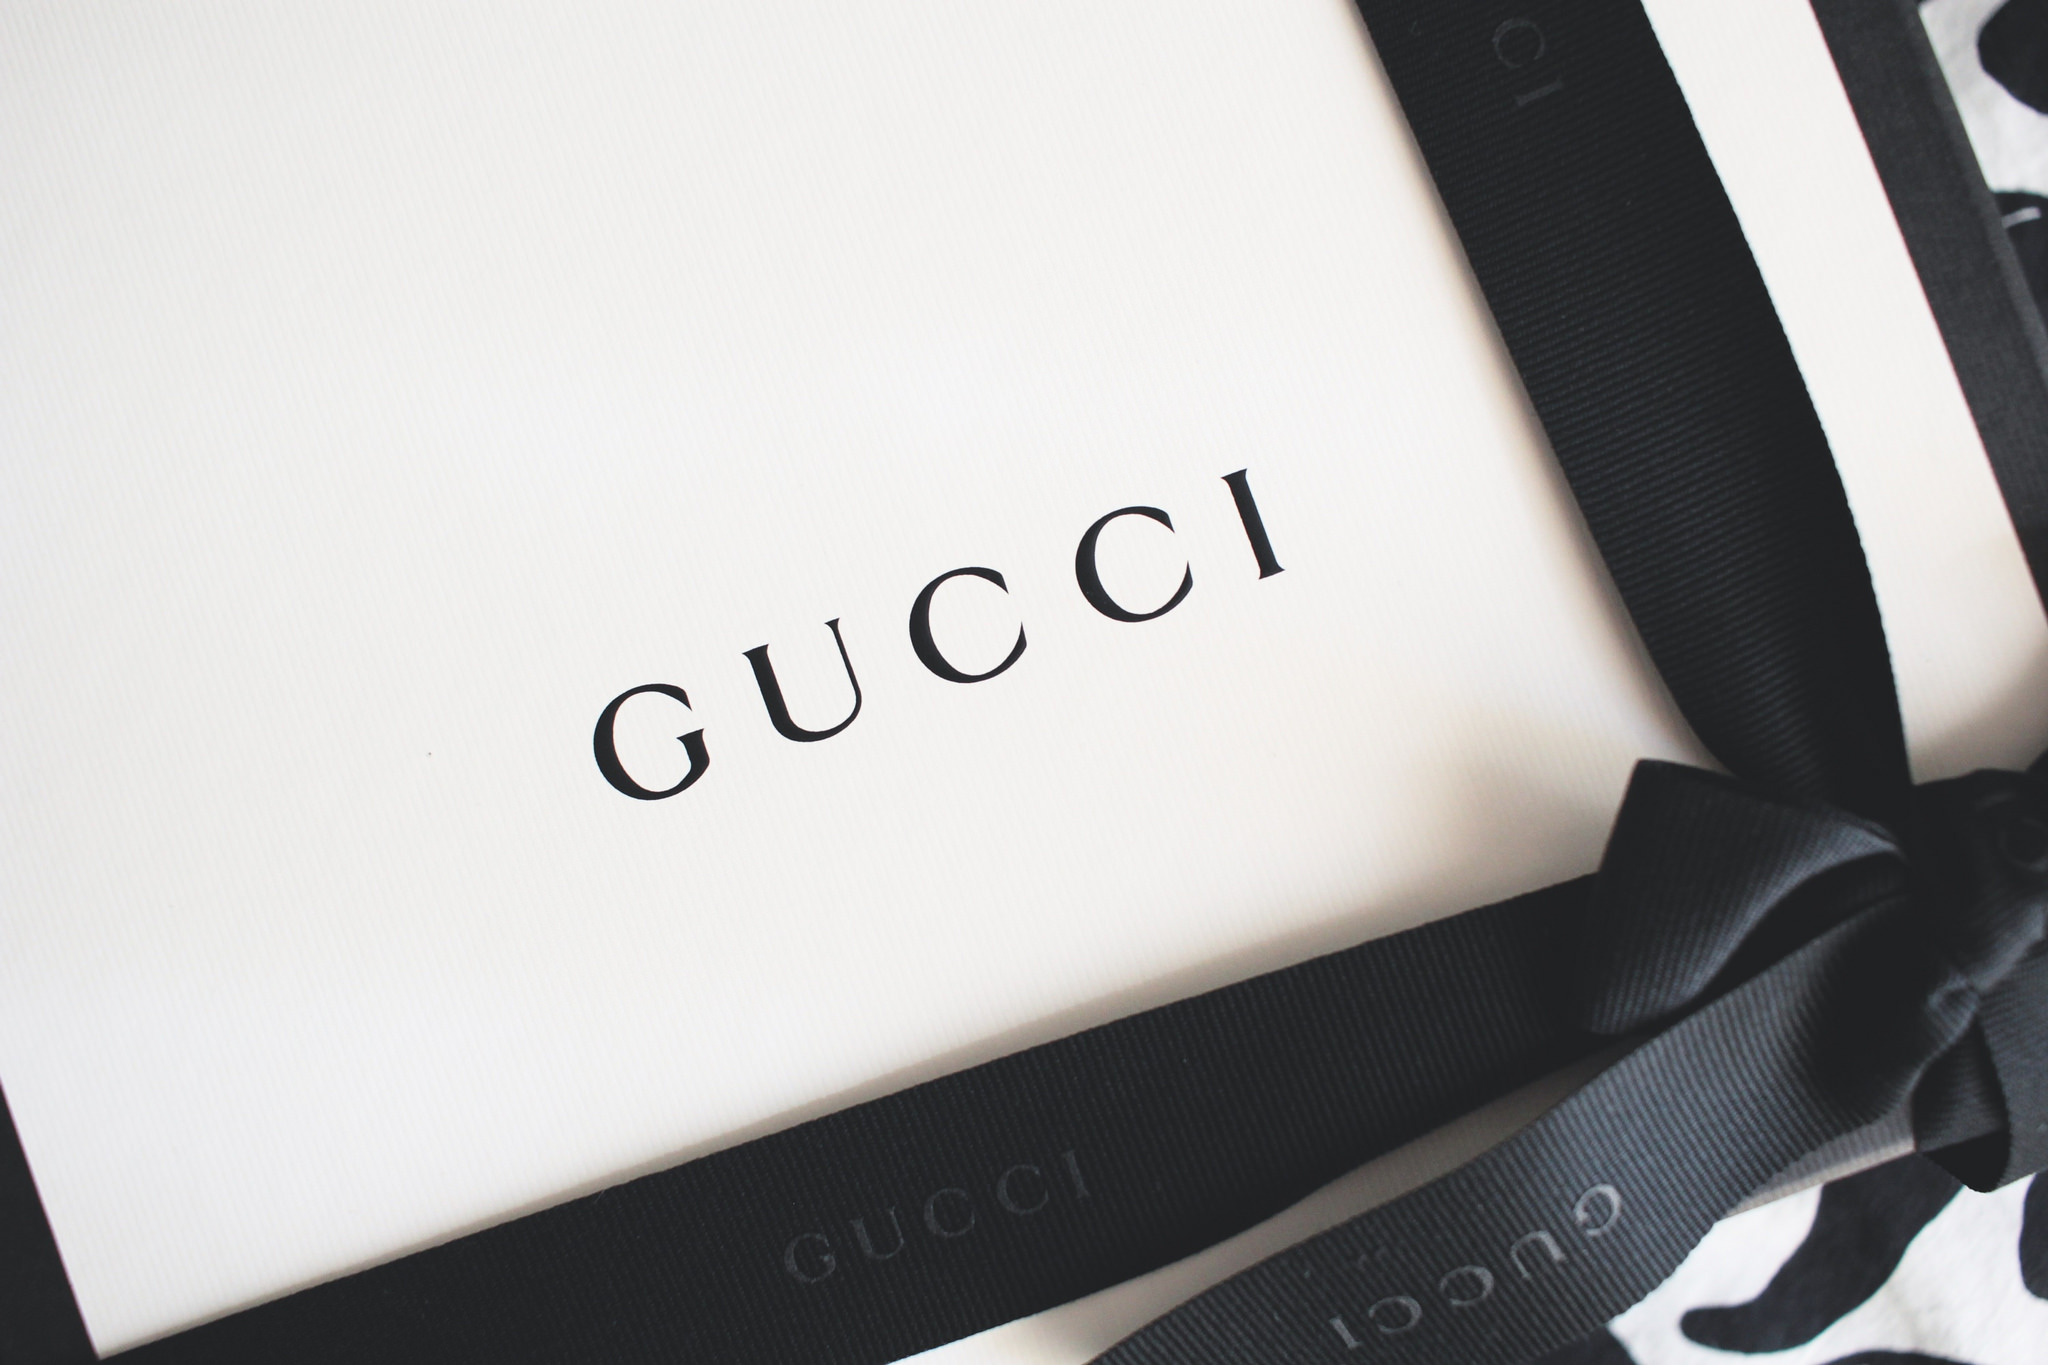 GucciPic